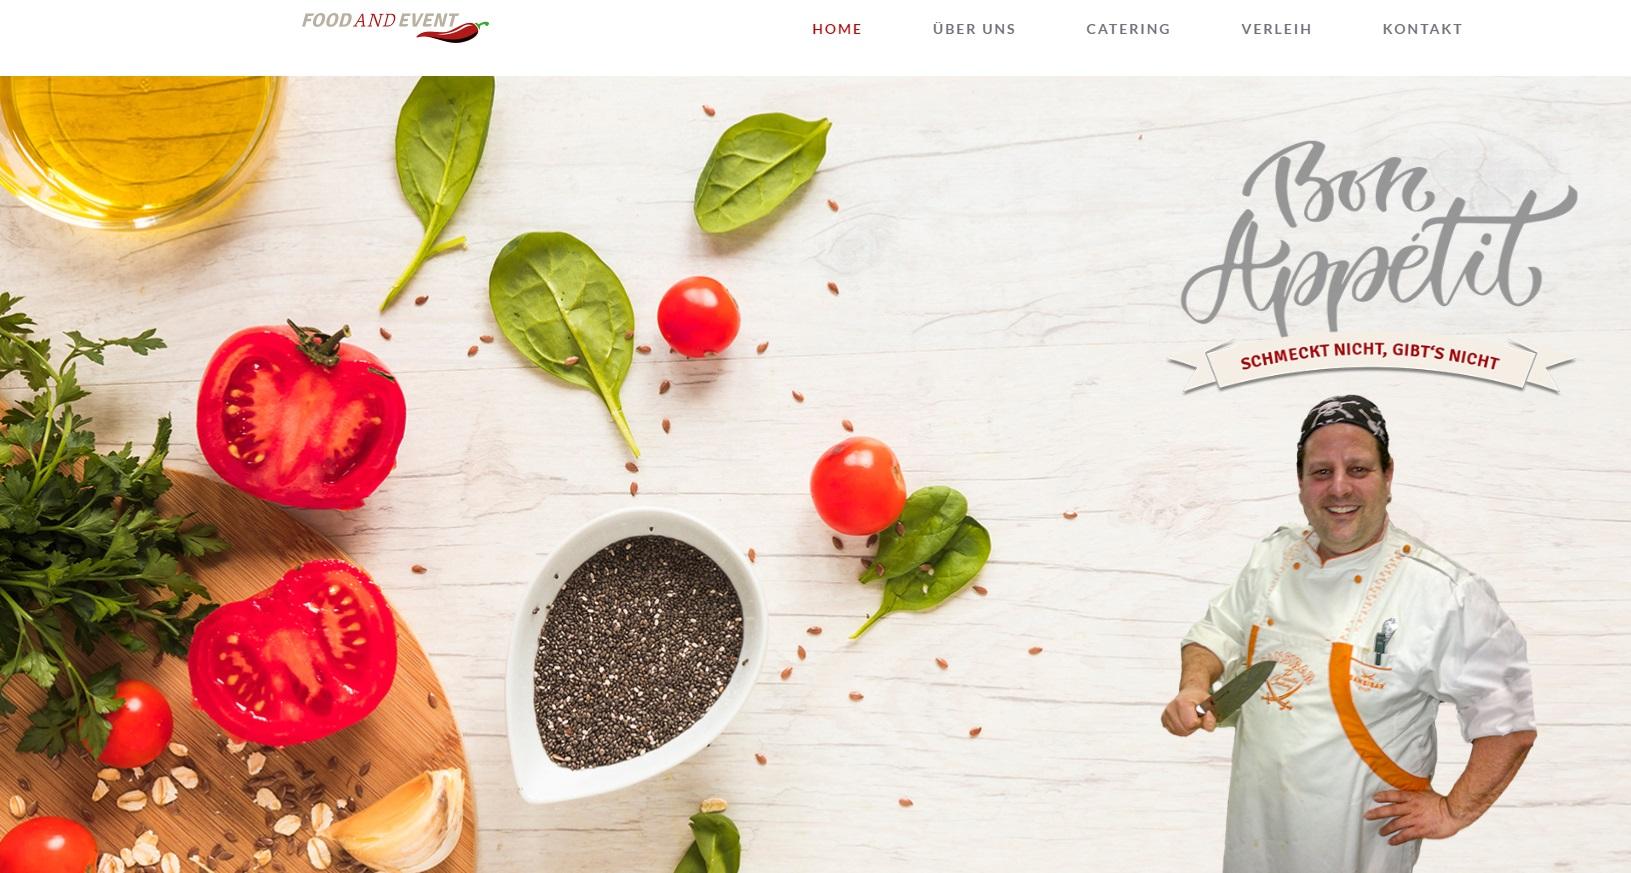 relauch_foodandevent